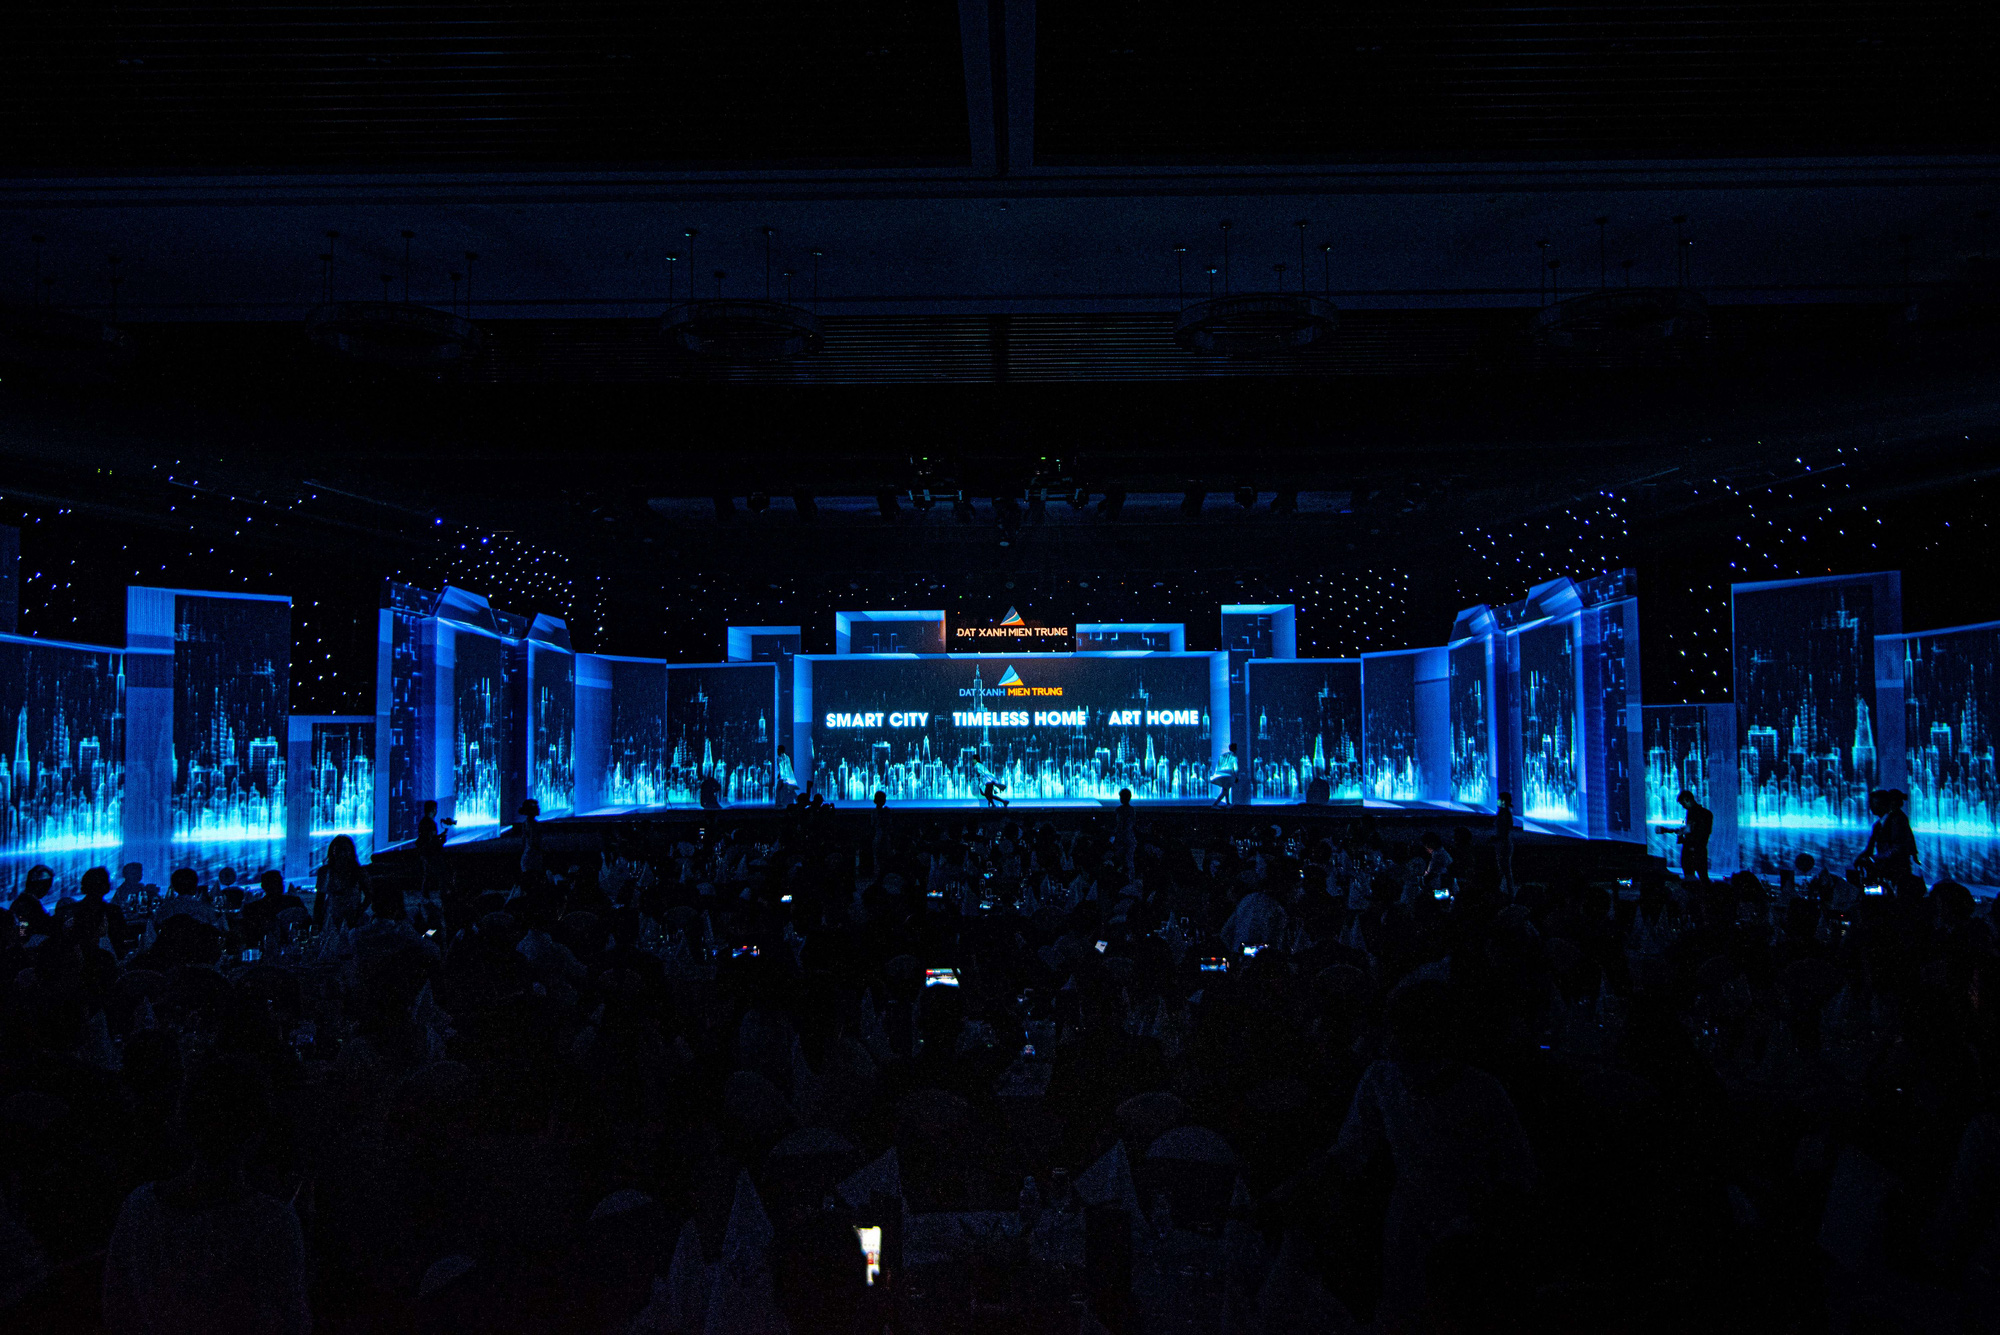 Nghệ thuật và công nghệ ánh sáng tái hiện Sắc màu Thập kỷ, kỷ niệm 10 năm thành lập Đất Xanh Miền Trung - Ảnh 4.